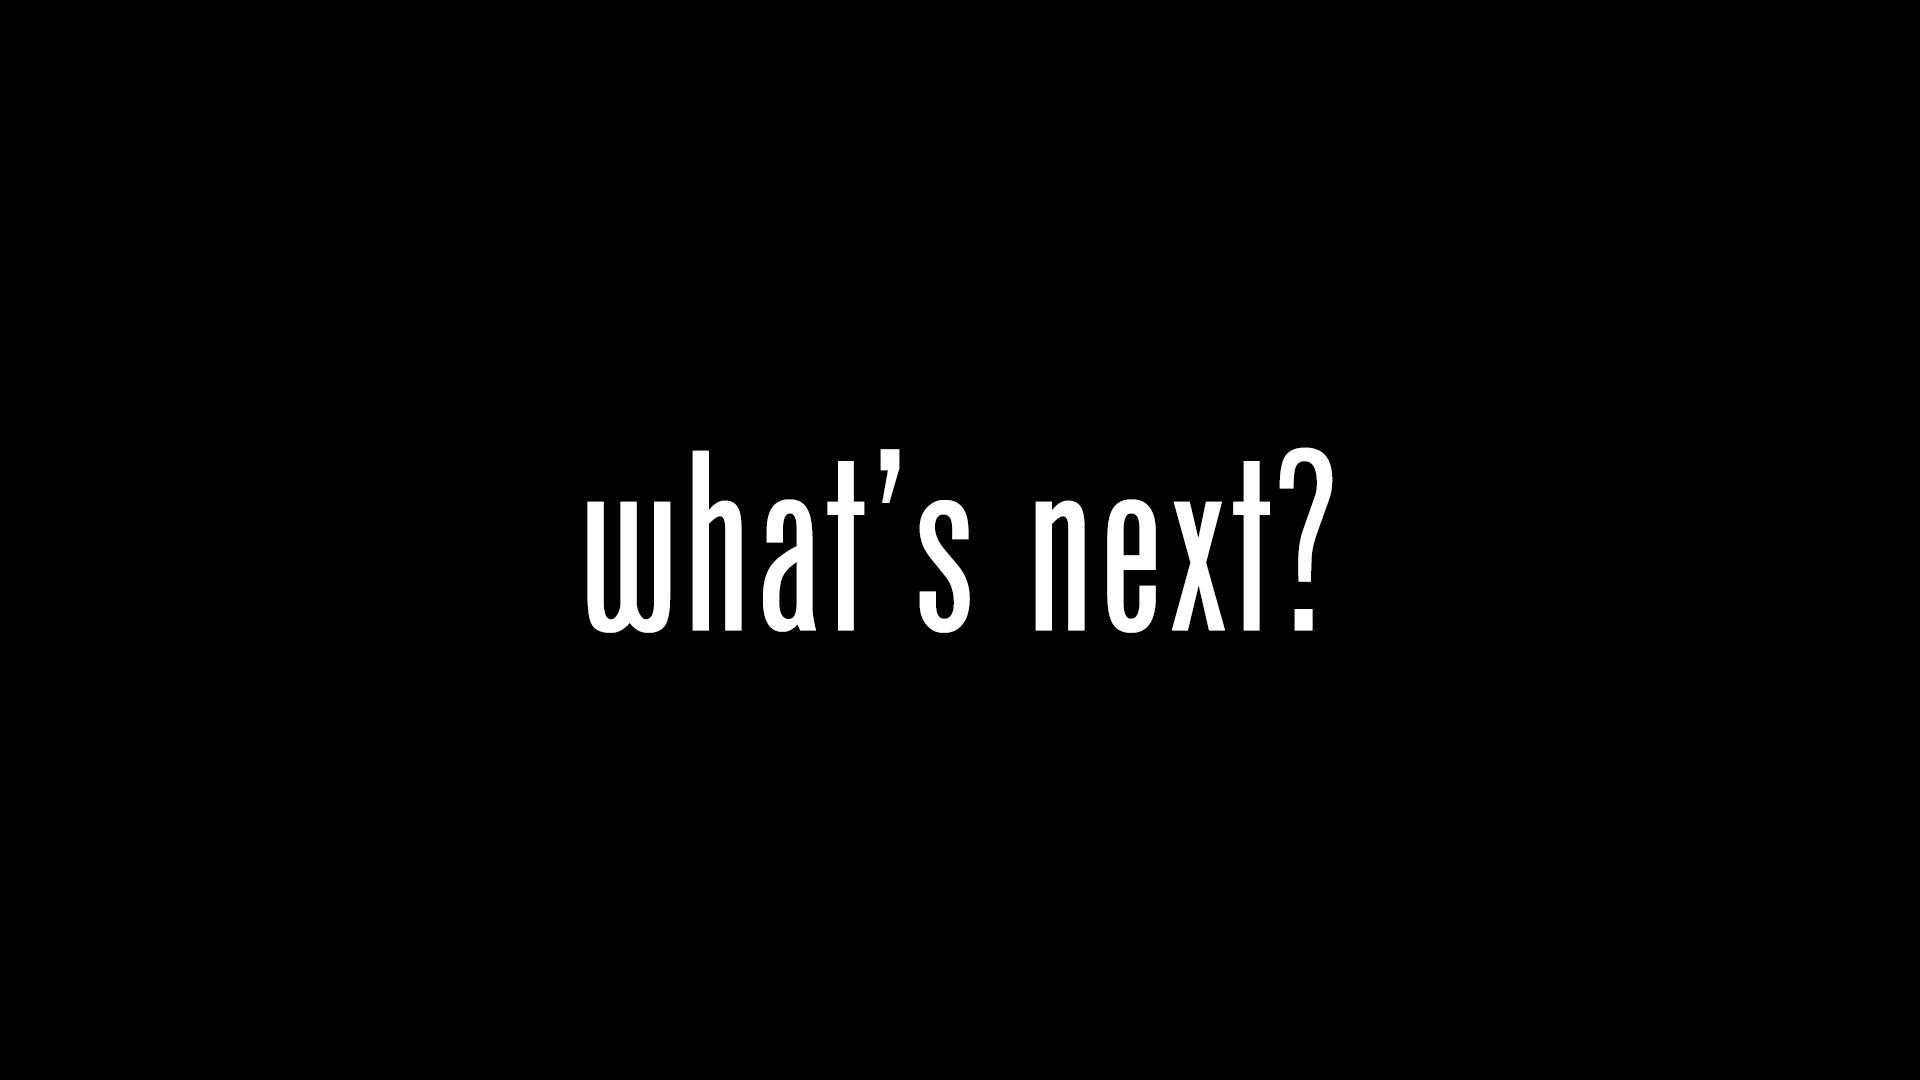 whats-next_1920x1080.jpg